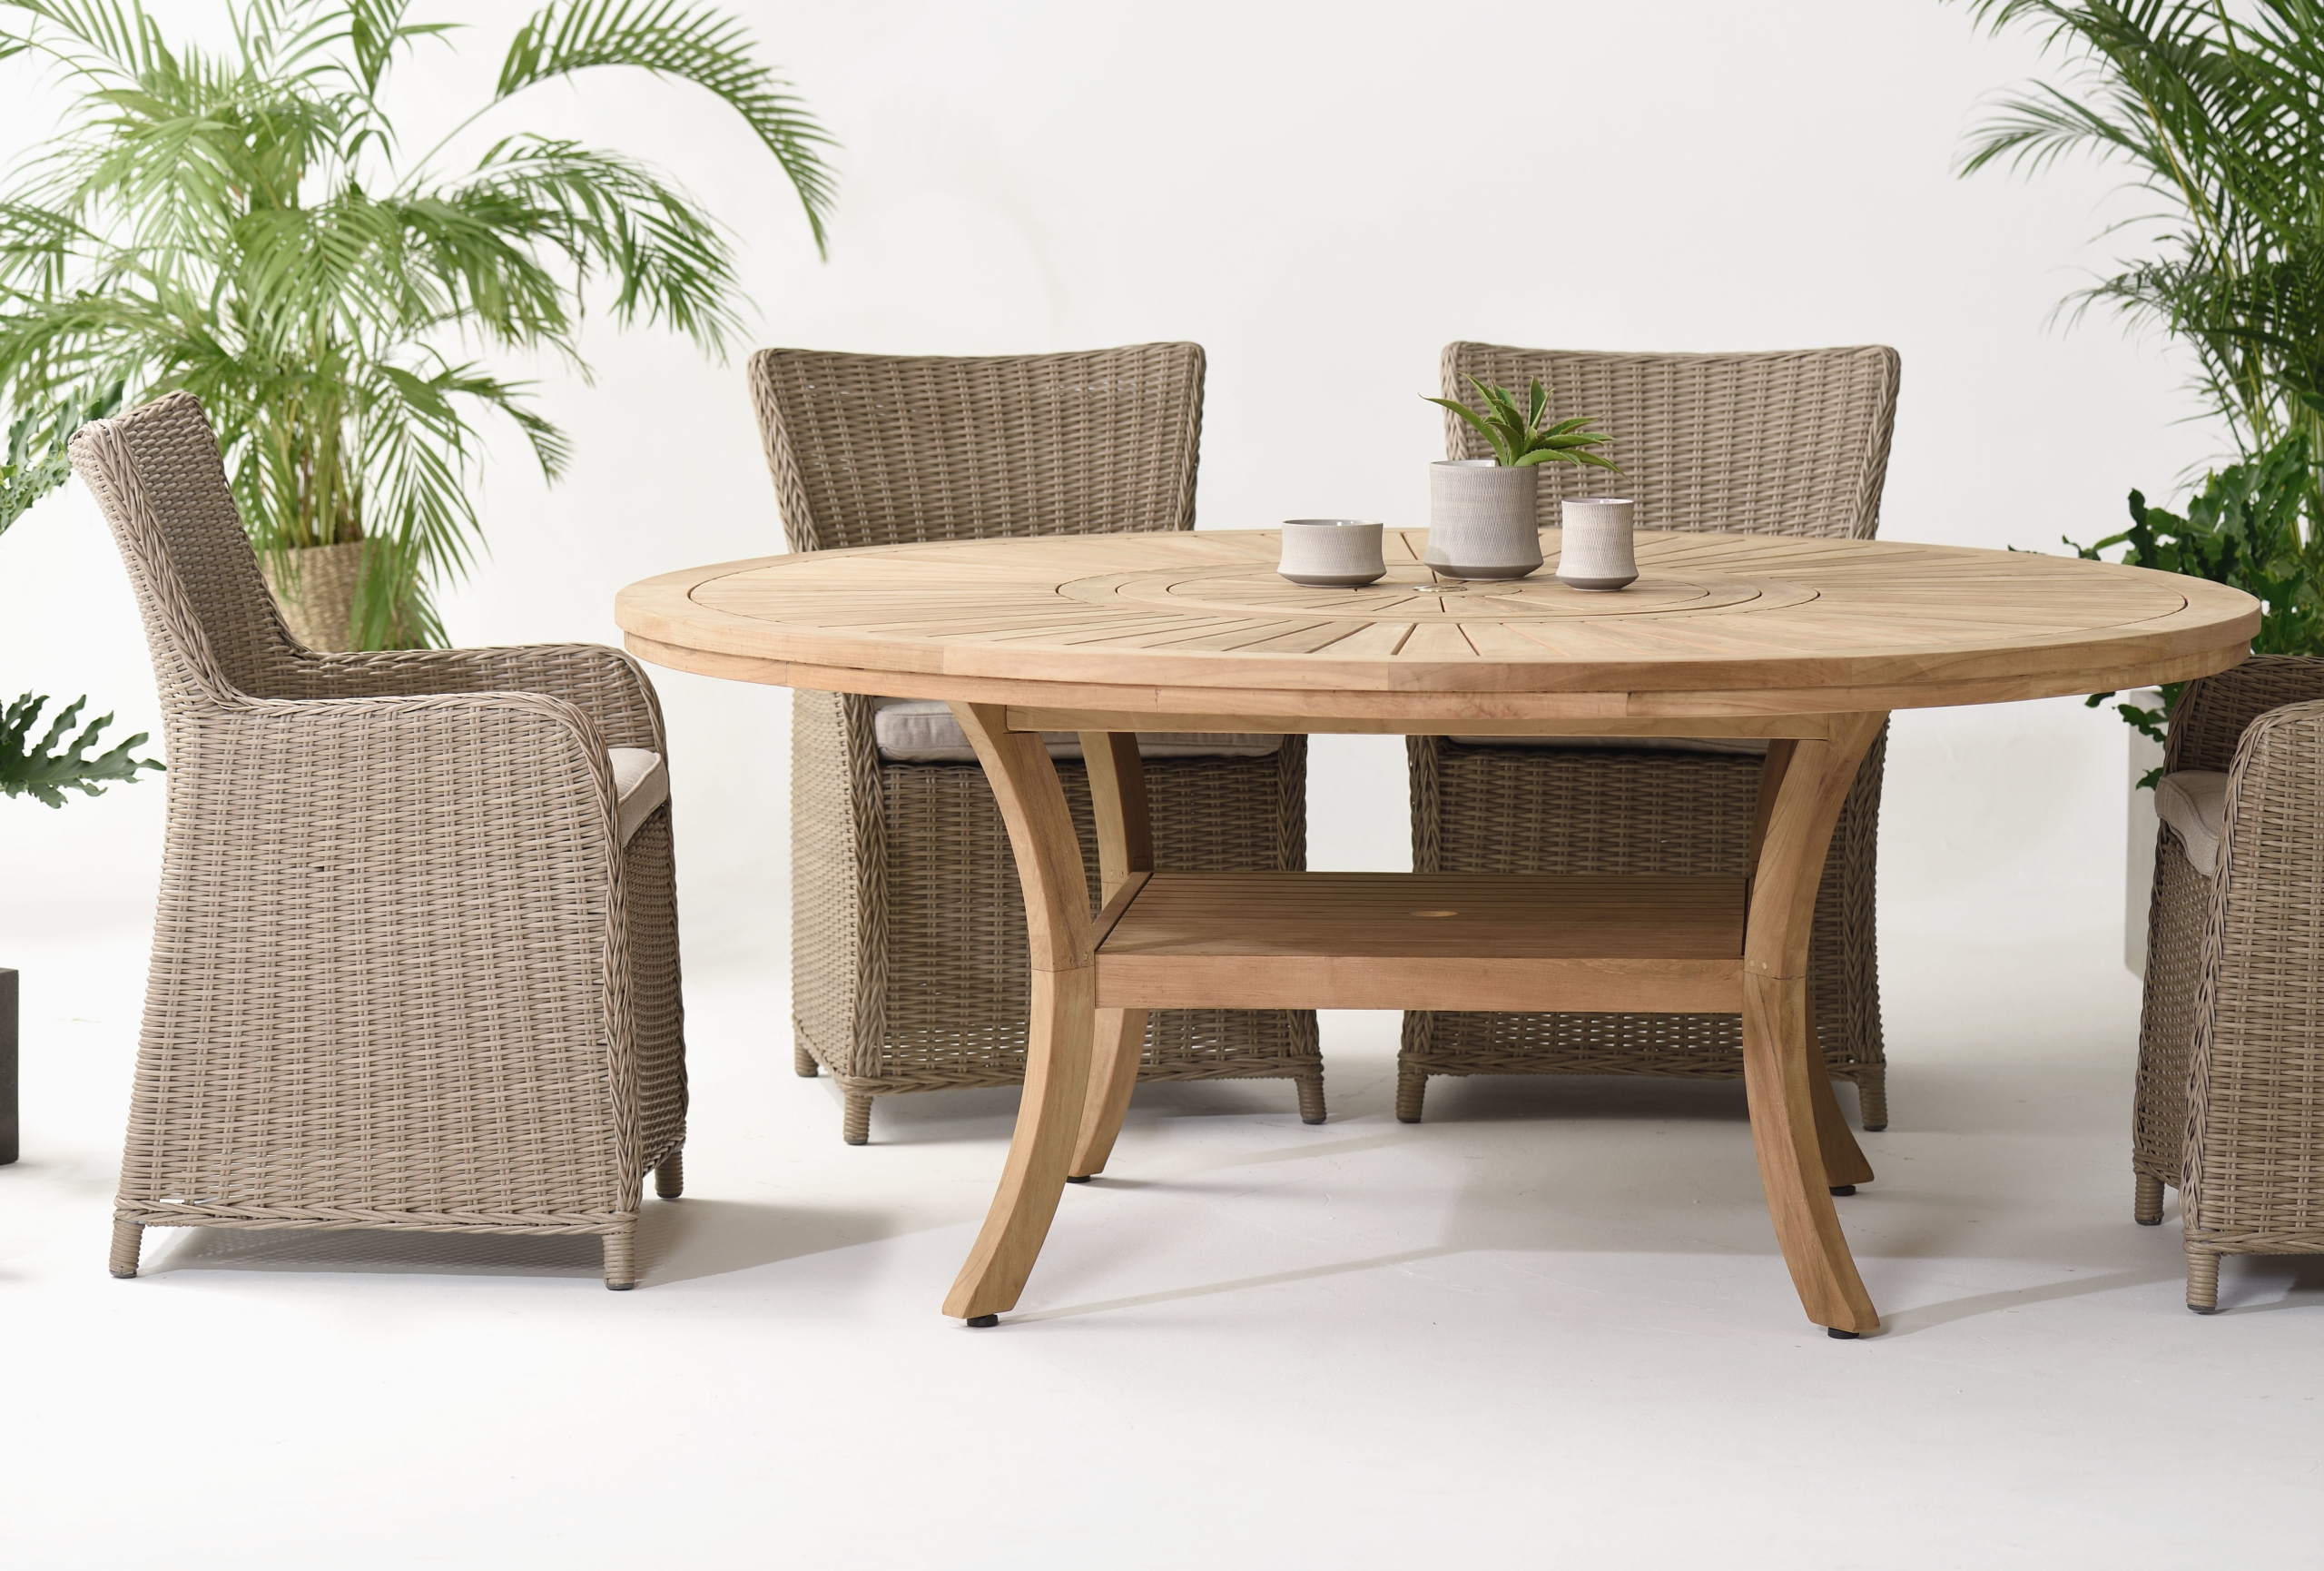 Consejos para elegir mesas de jardín